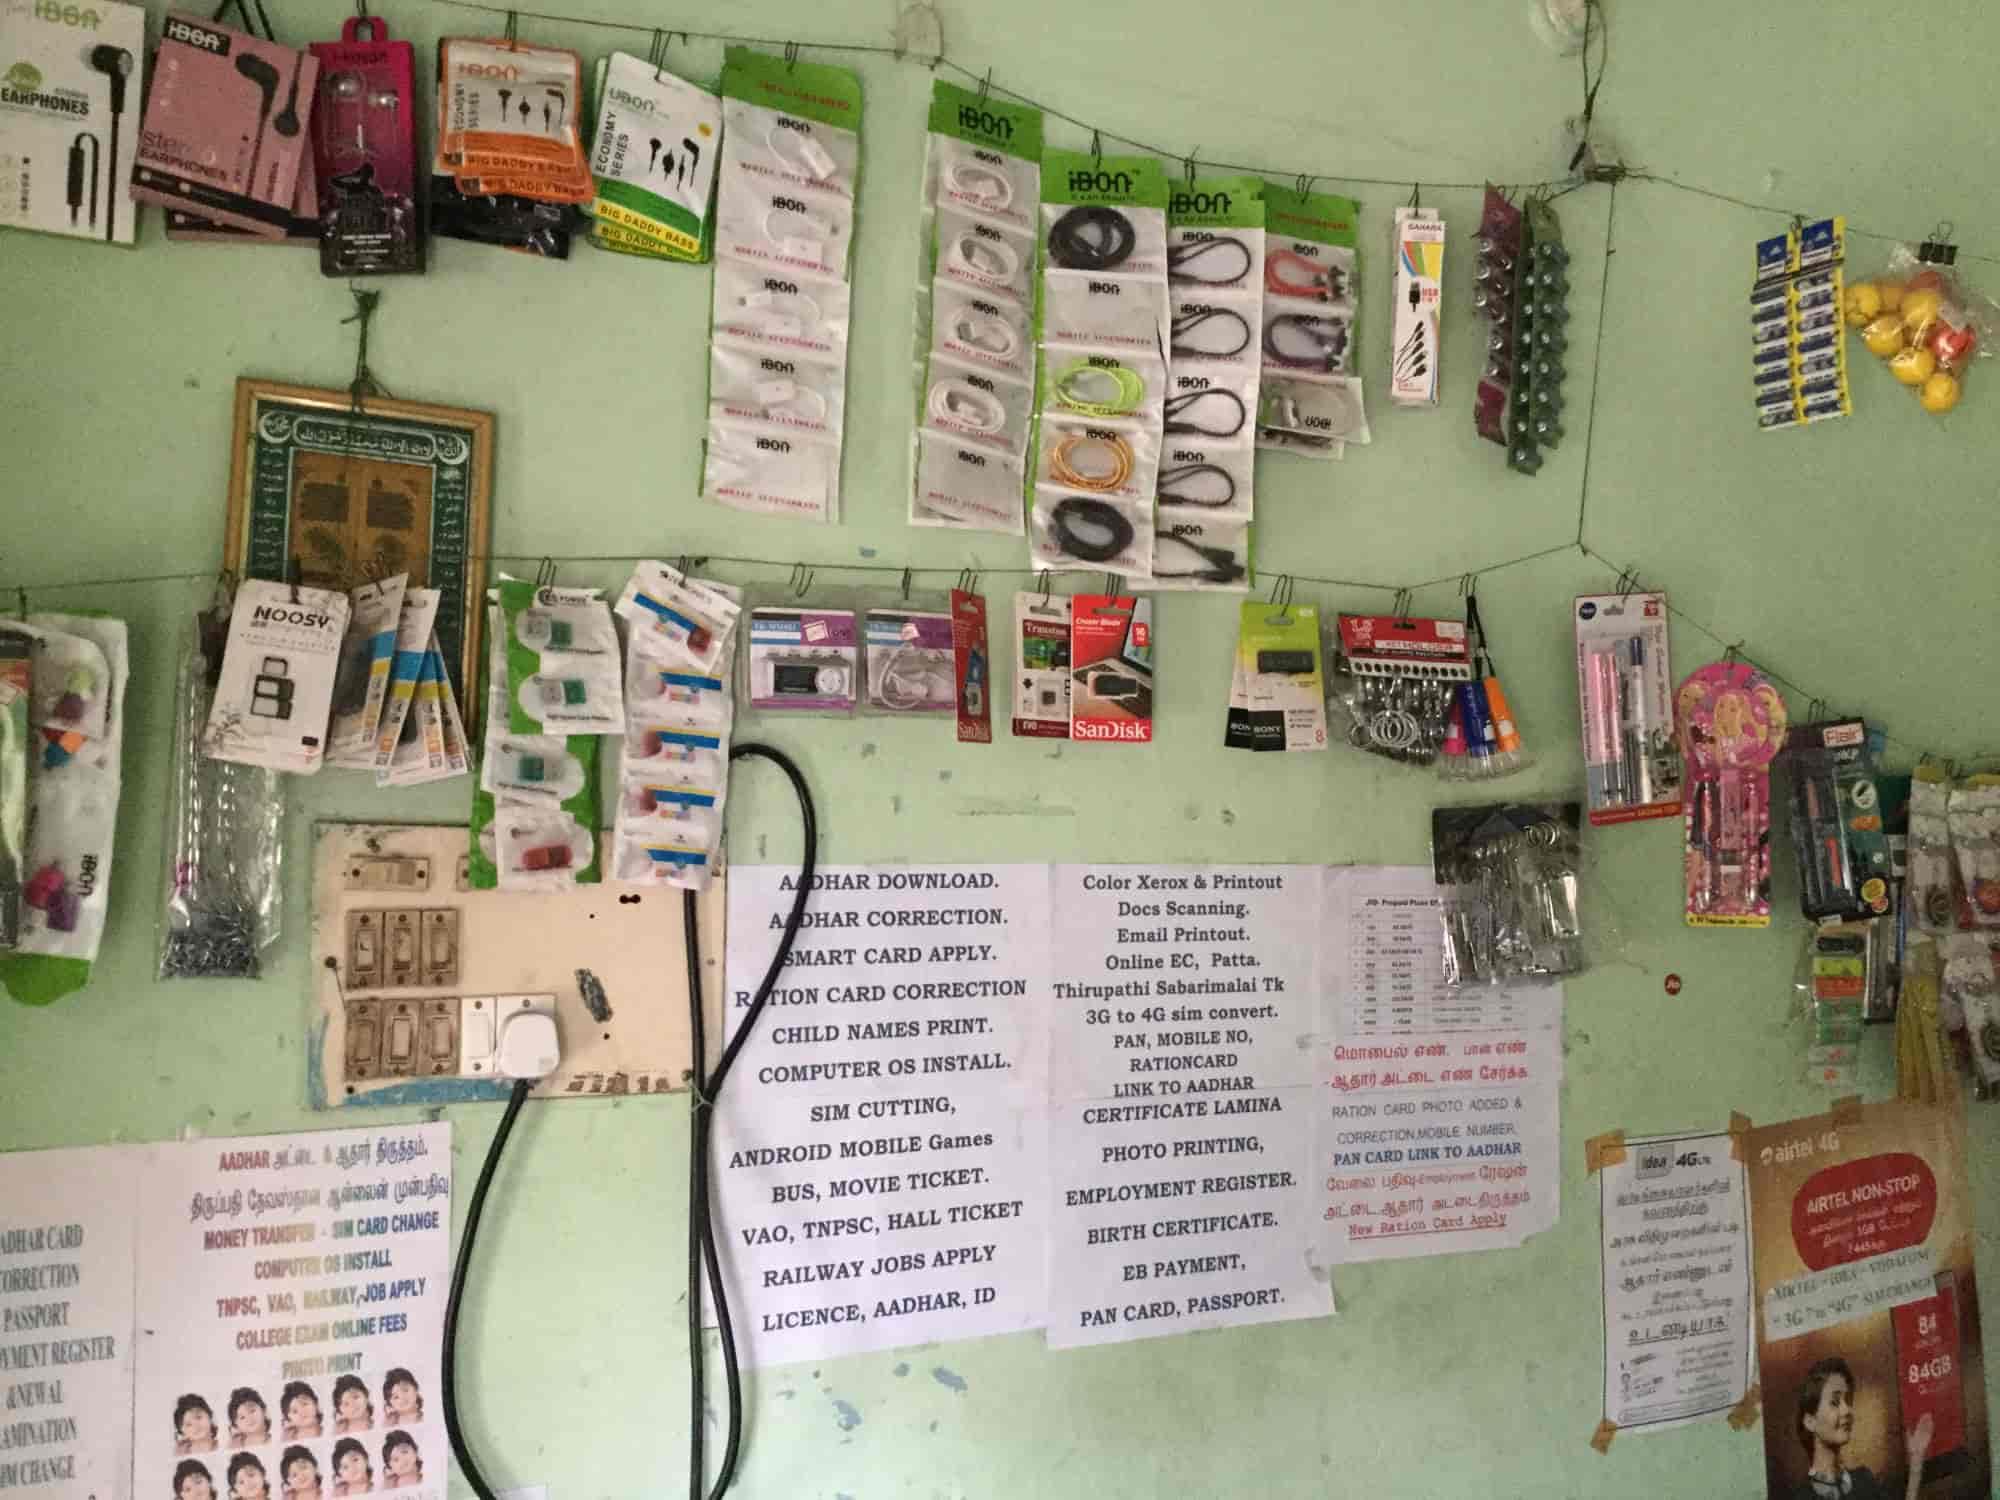 Abm enterprises paraniputhur pan card consultants in chennai abm enterprises paraniputhur pan card consultants in chennai justdial aiddatafo Image collections